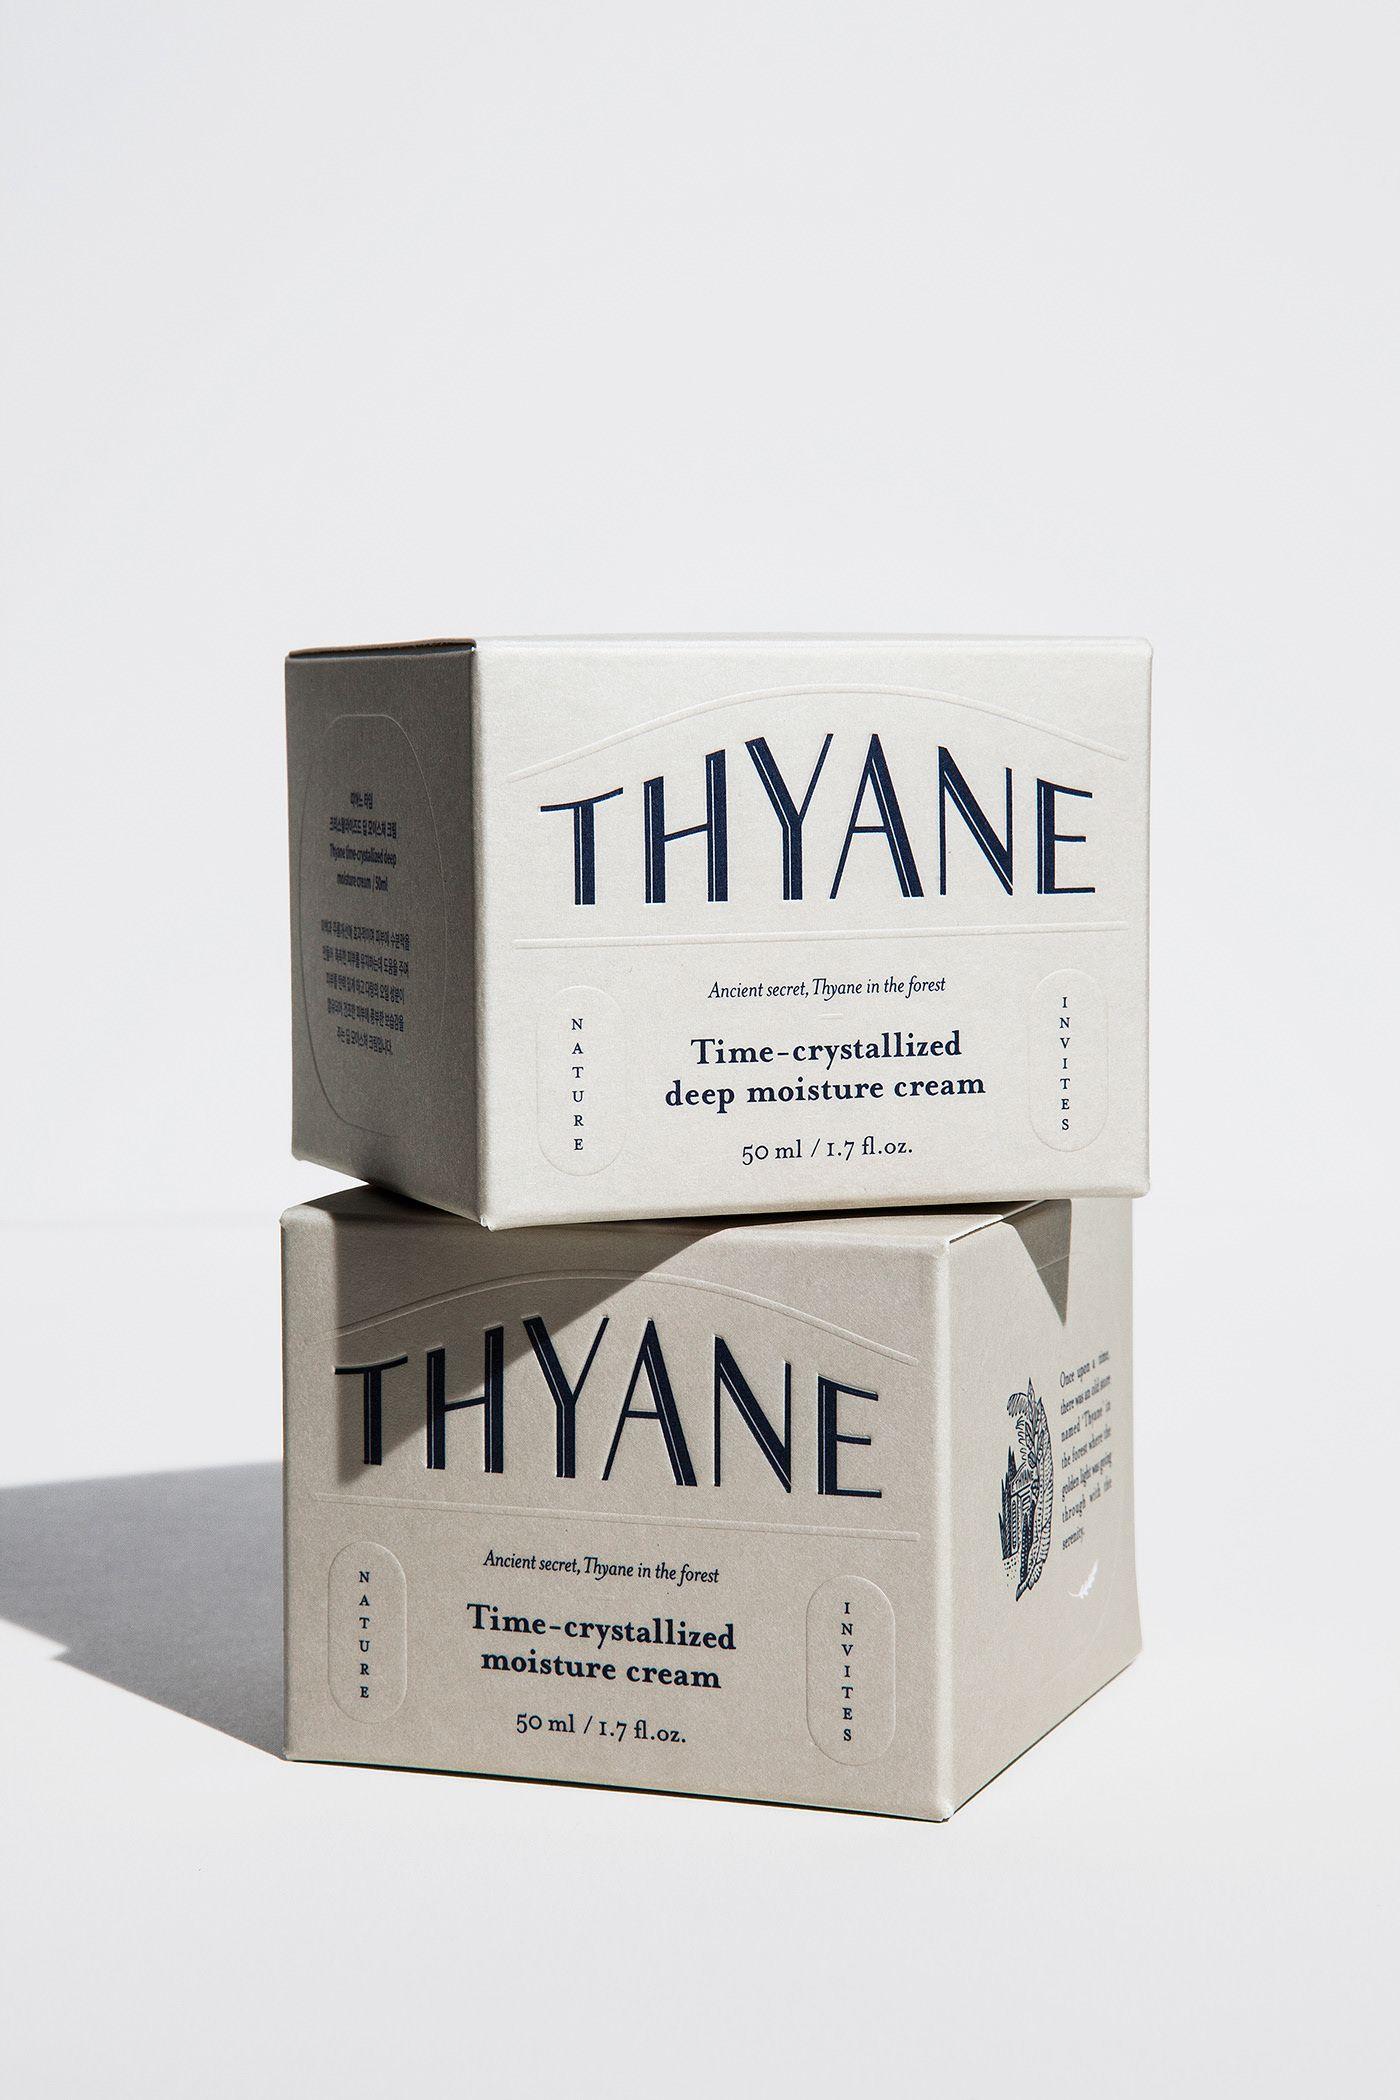 THYANE brand identity